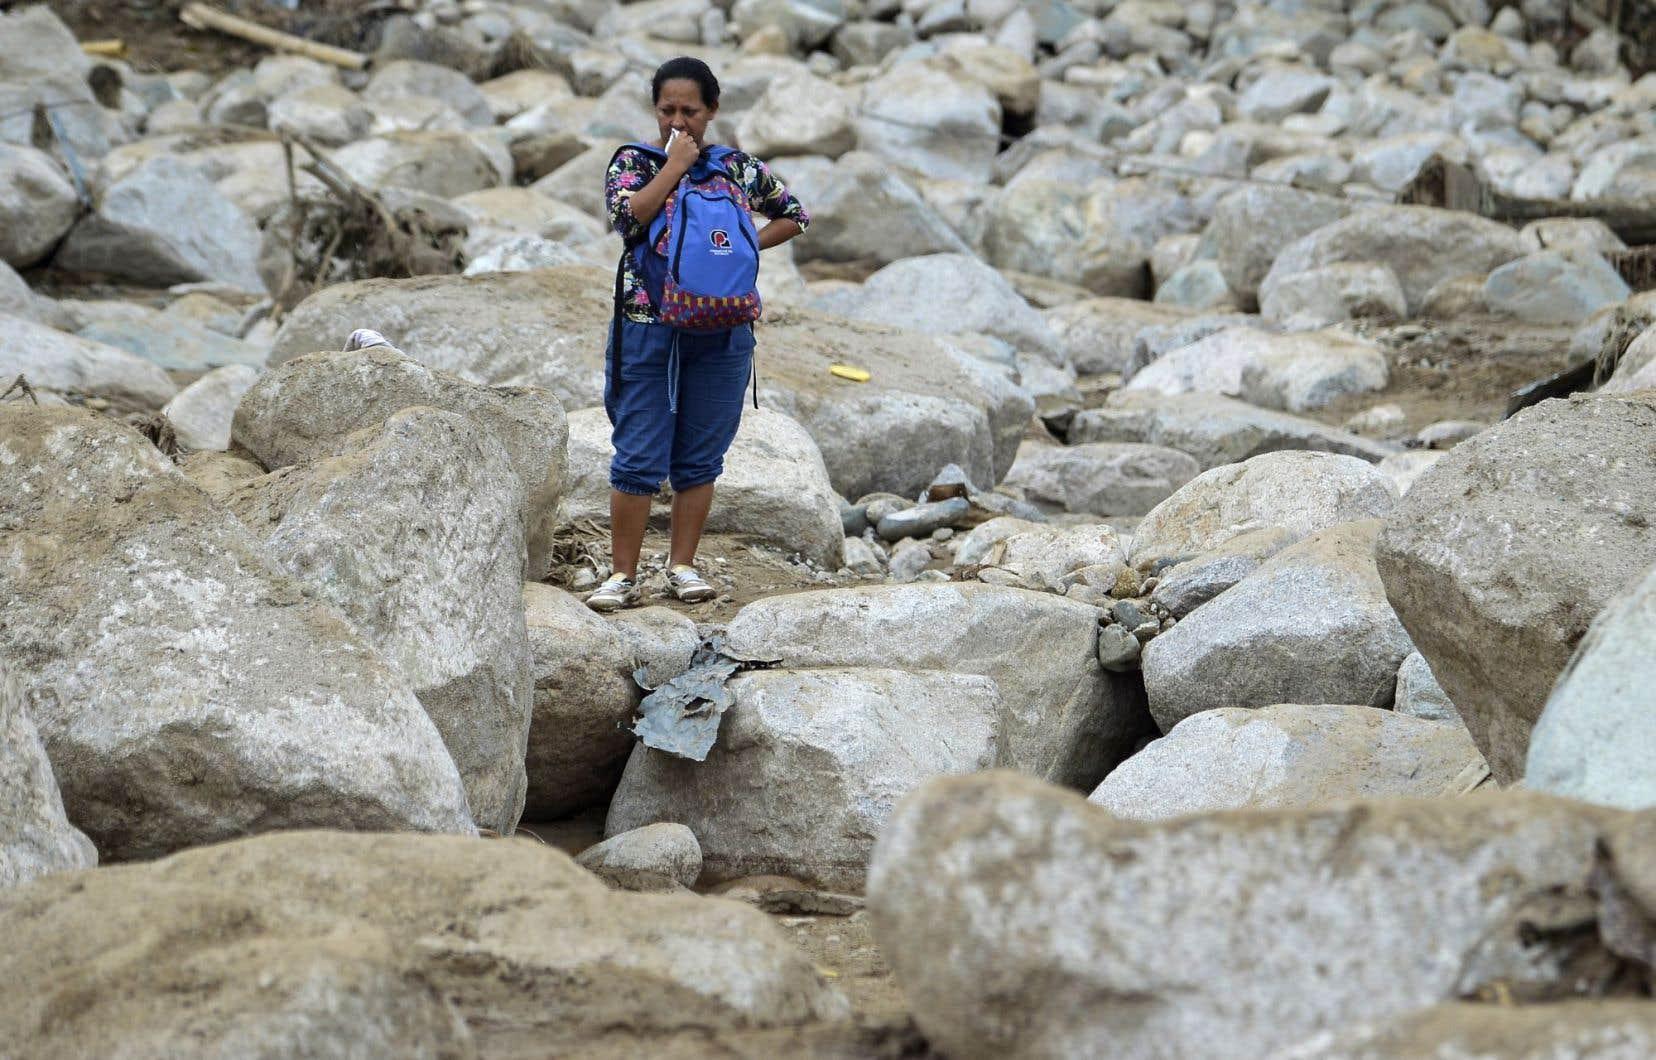 Une femme pleure dans les décombres à Mocoa.